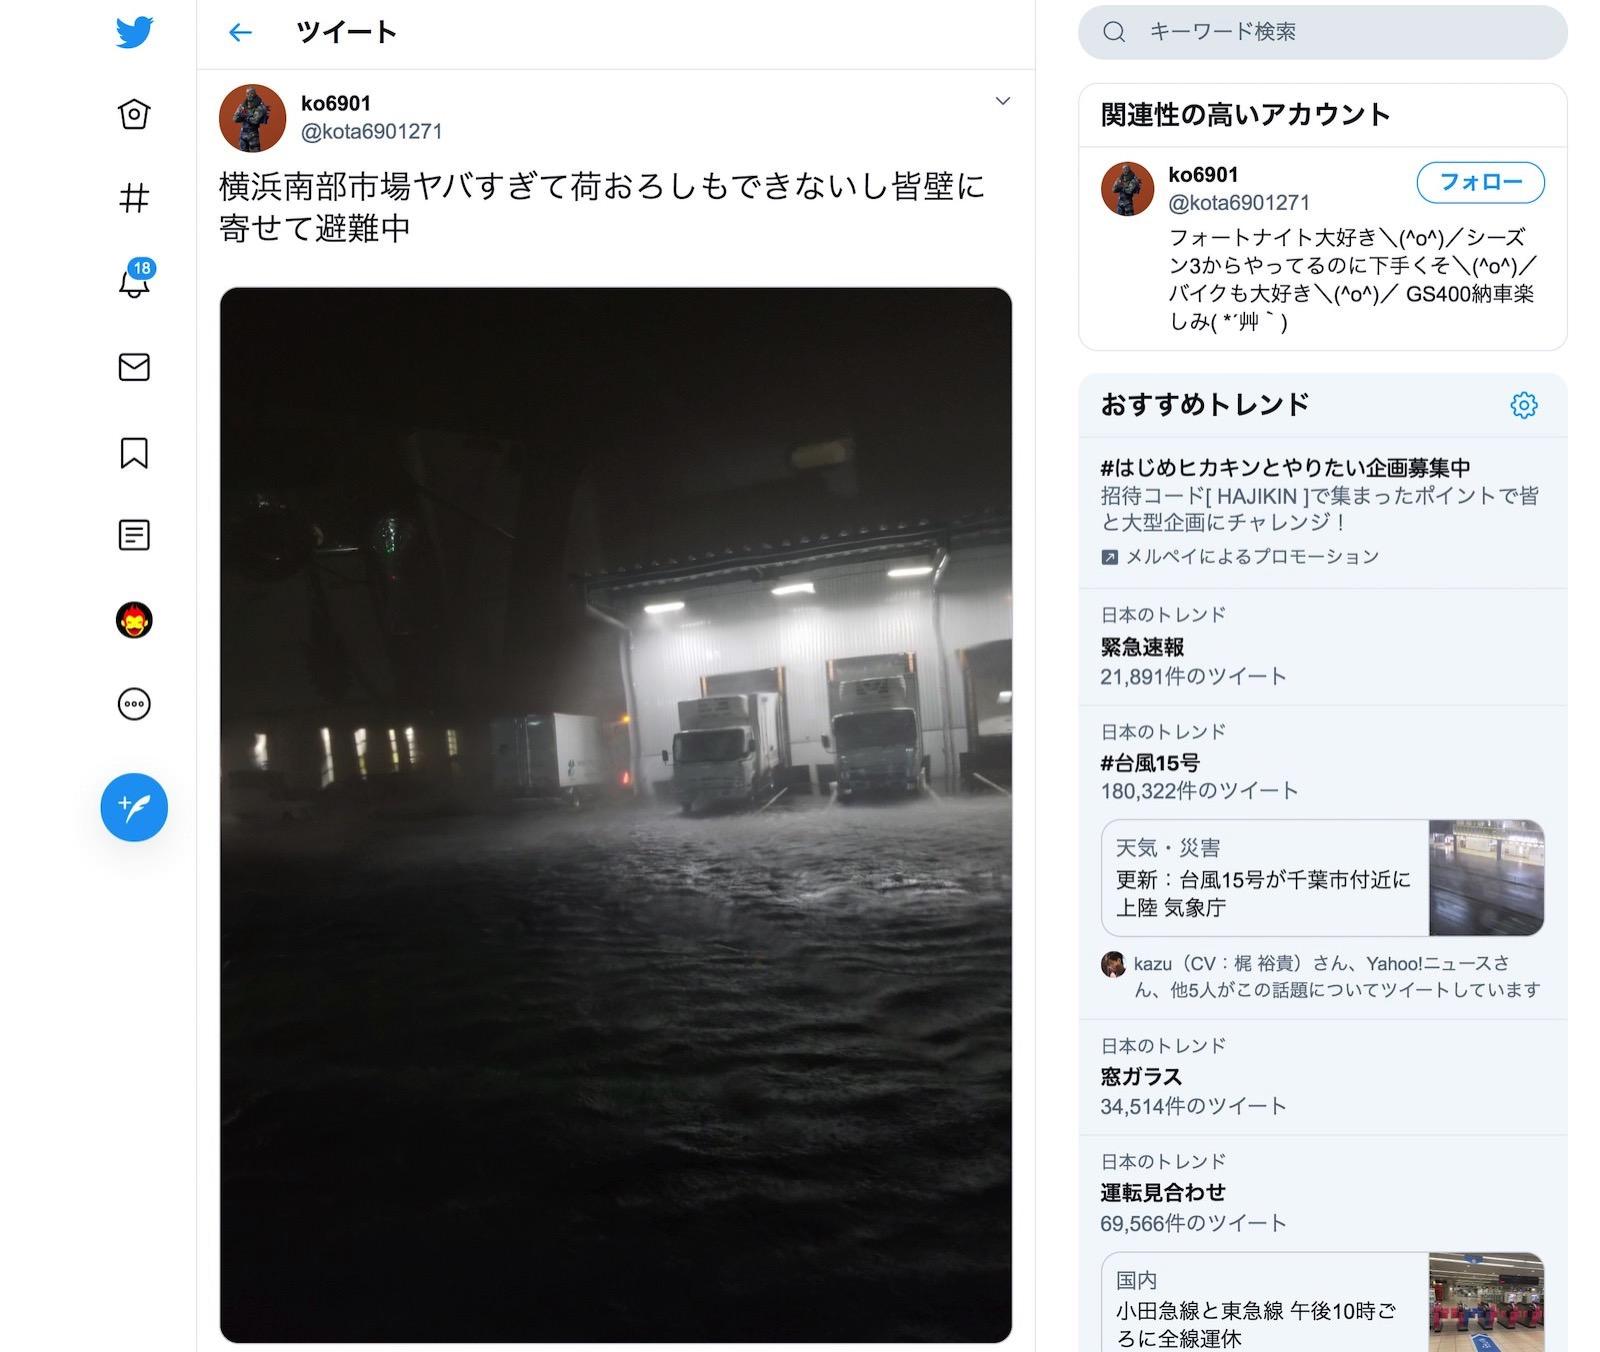 Yokohama hit by typhoon 15